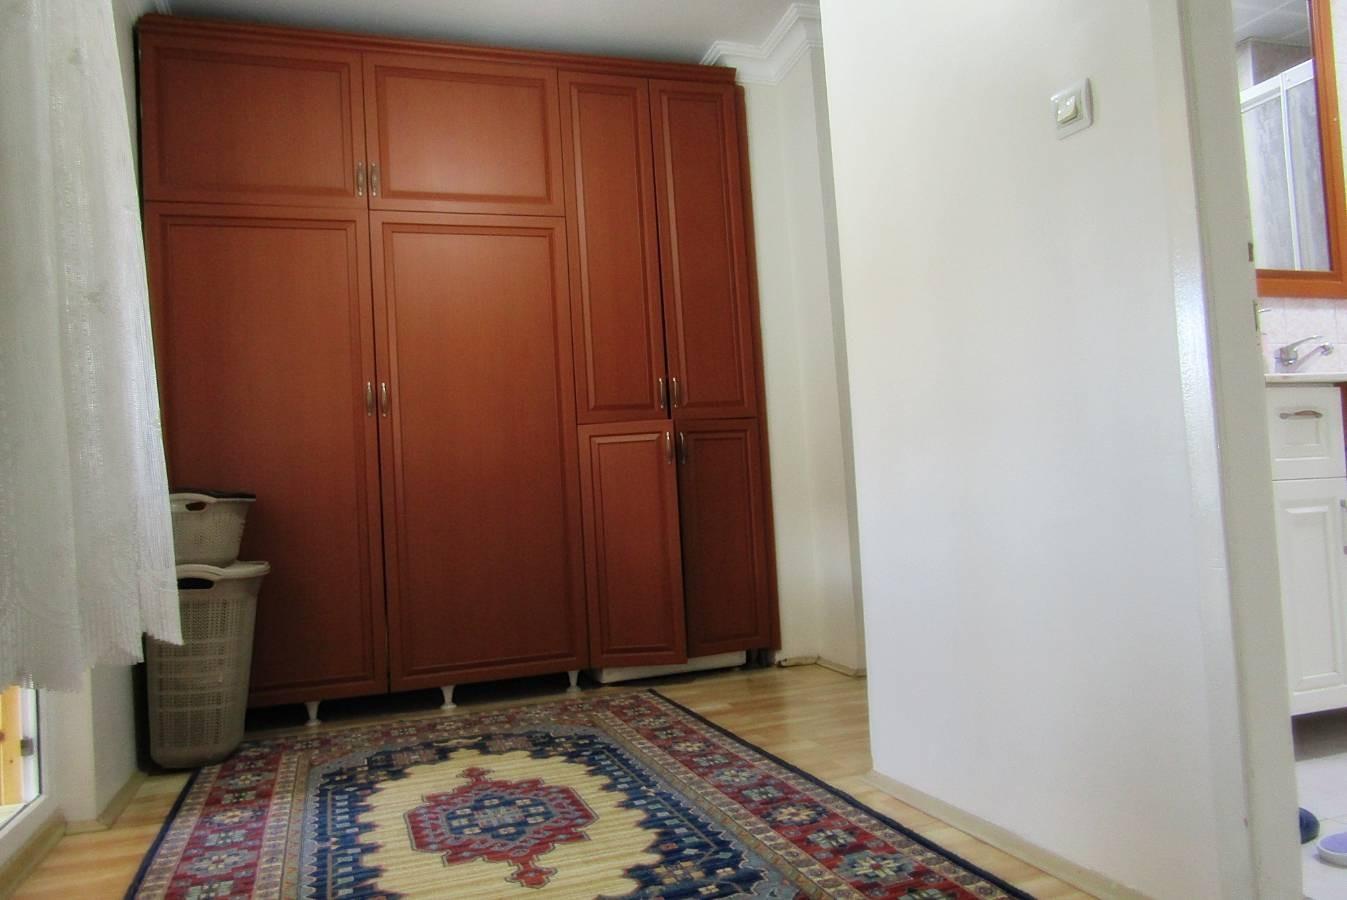 SR EMLAK'TAN KAZIM KARABEKİR MAH'DE 5+1 200m² ULAŞIMA YAKIN YAPILI TERAS